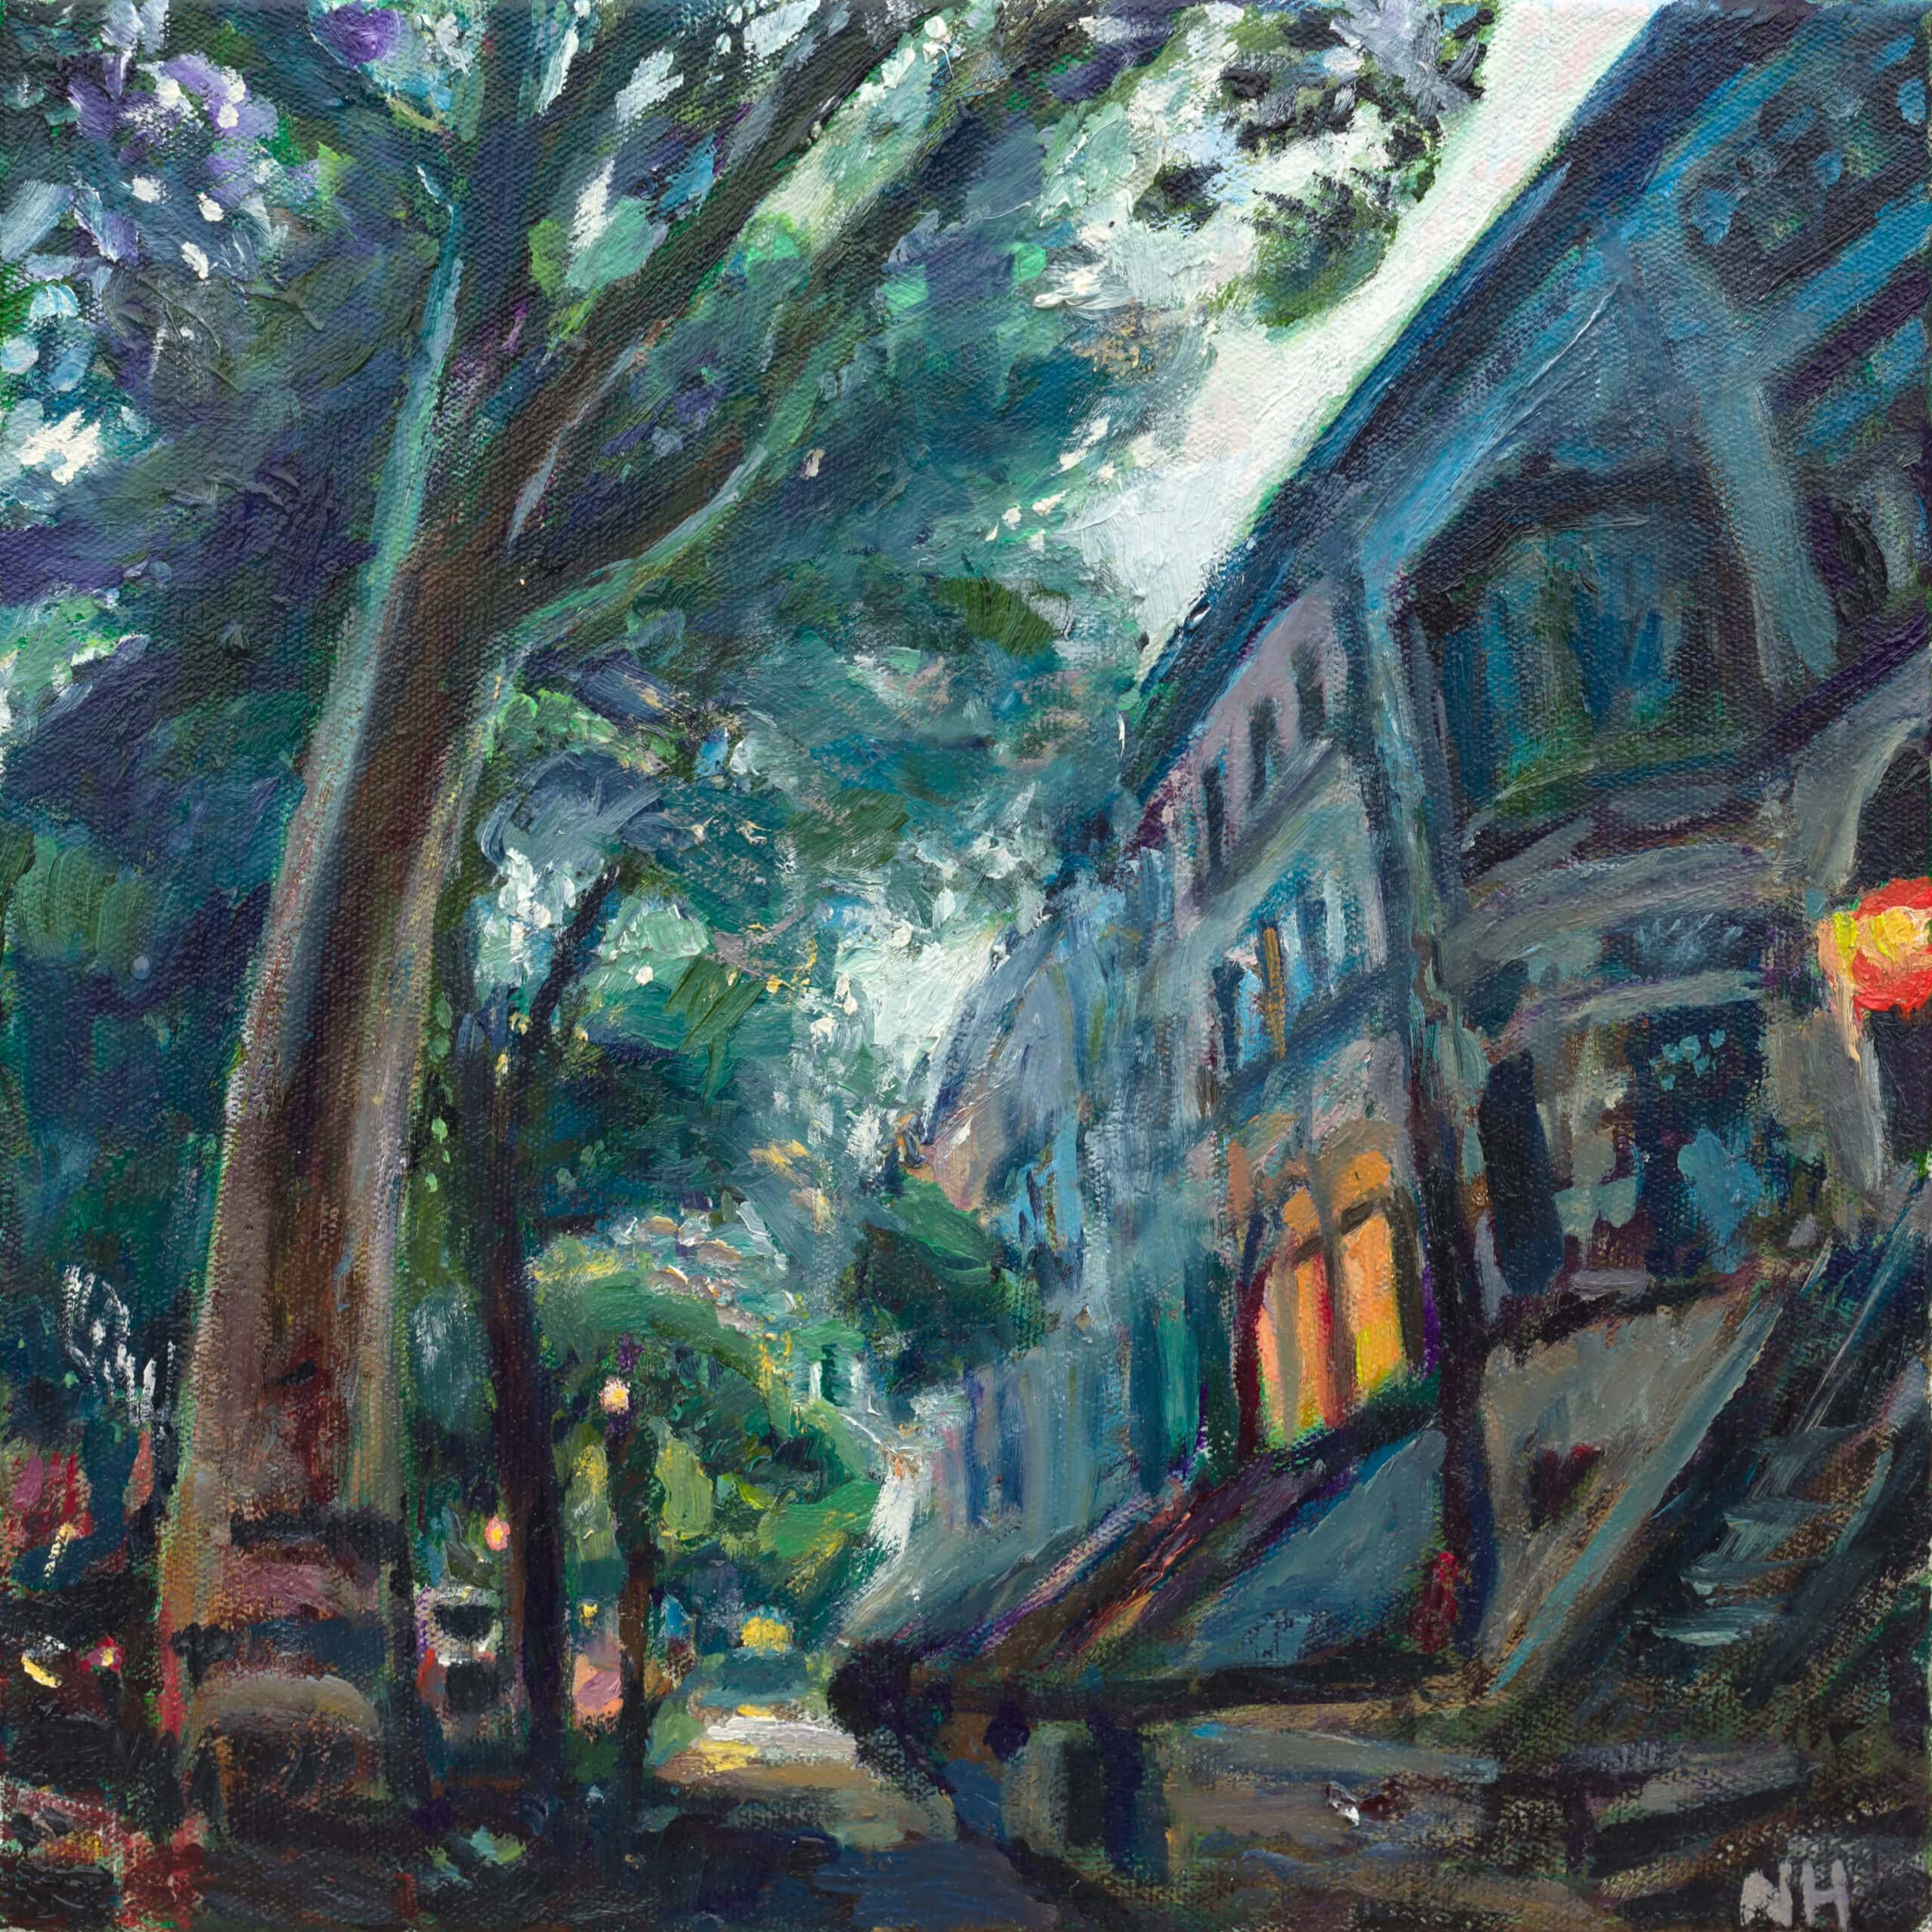 Oil painting of Midwood Street in Prospect Lefferts Gardens Brooklyn by Noel Hefele